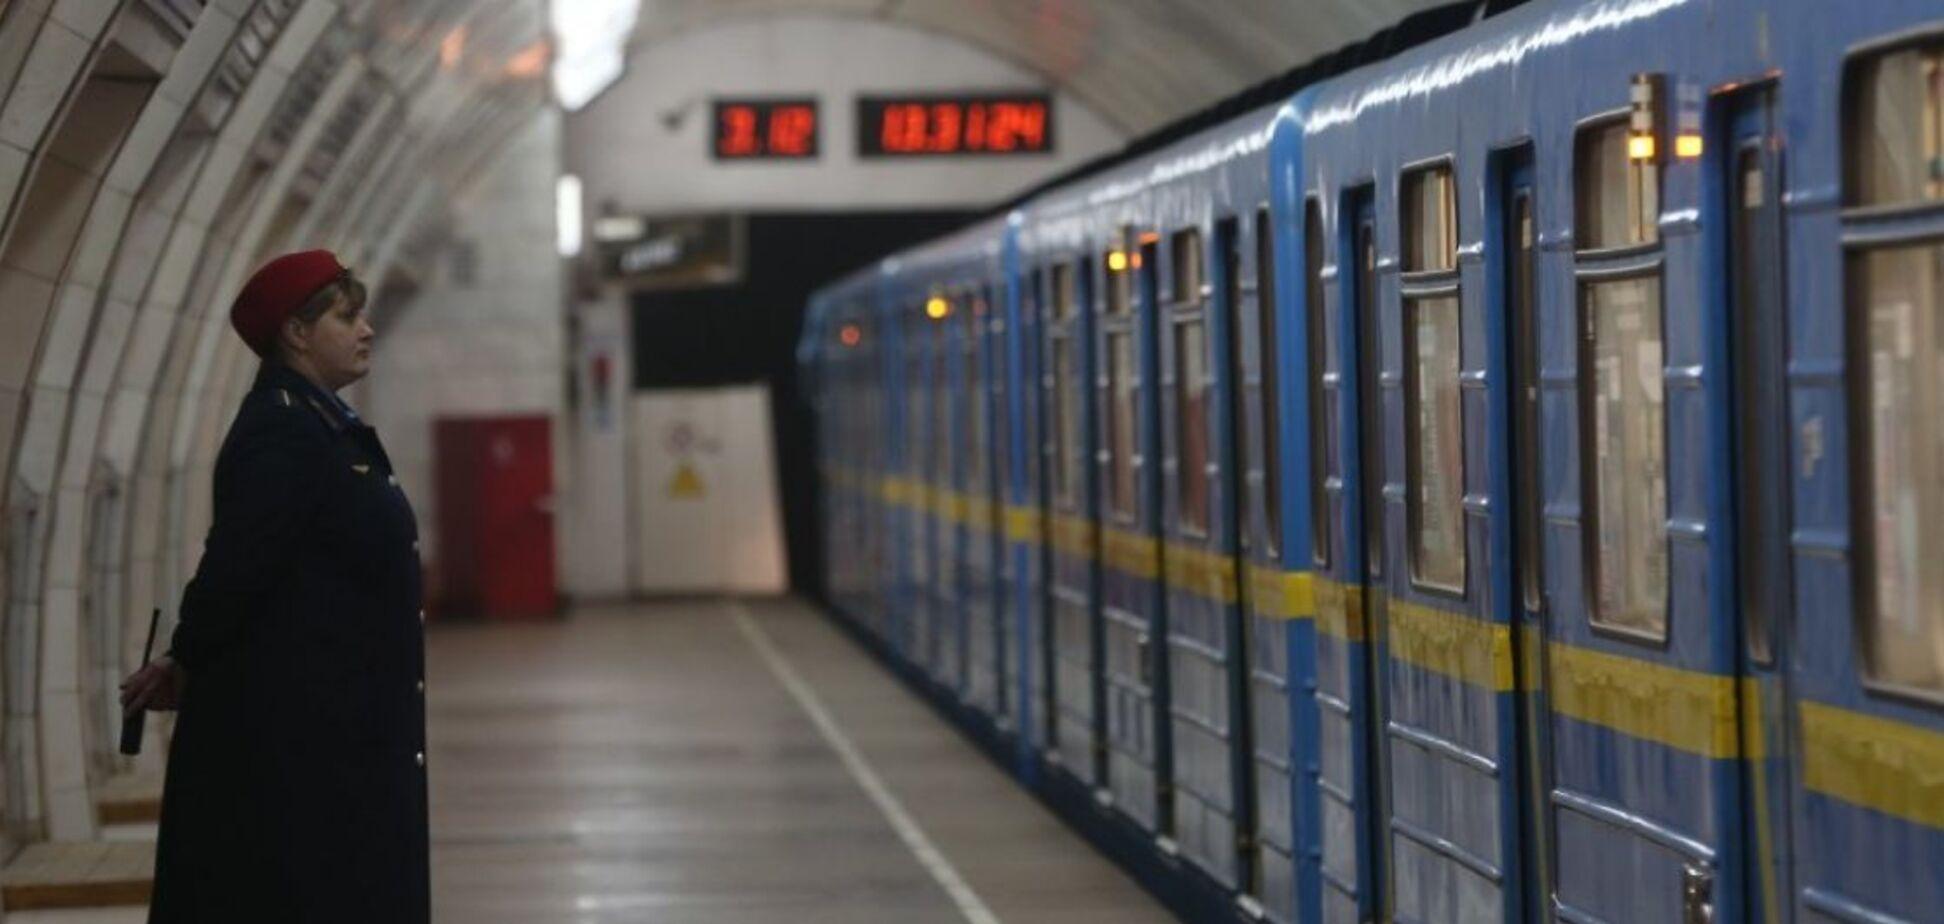 Ежедневно метрополитен перевозит сотни тысяч пассажиров